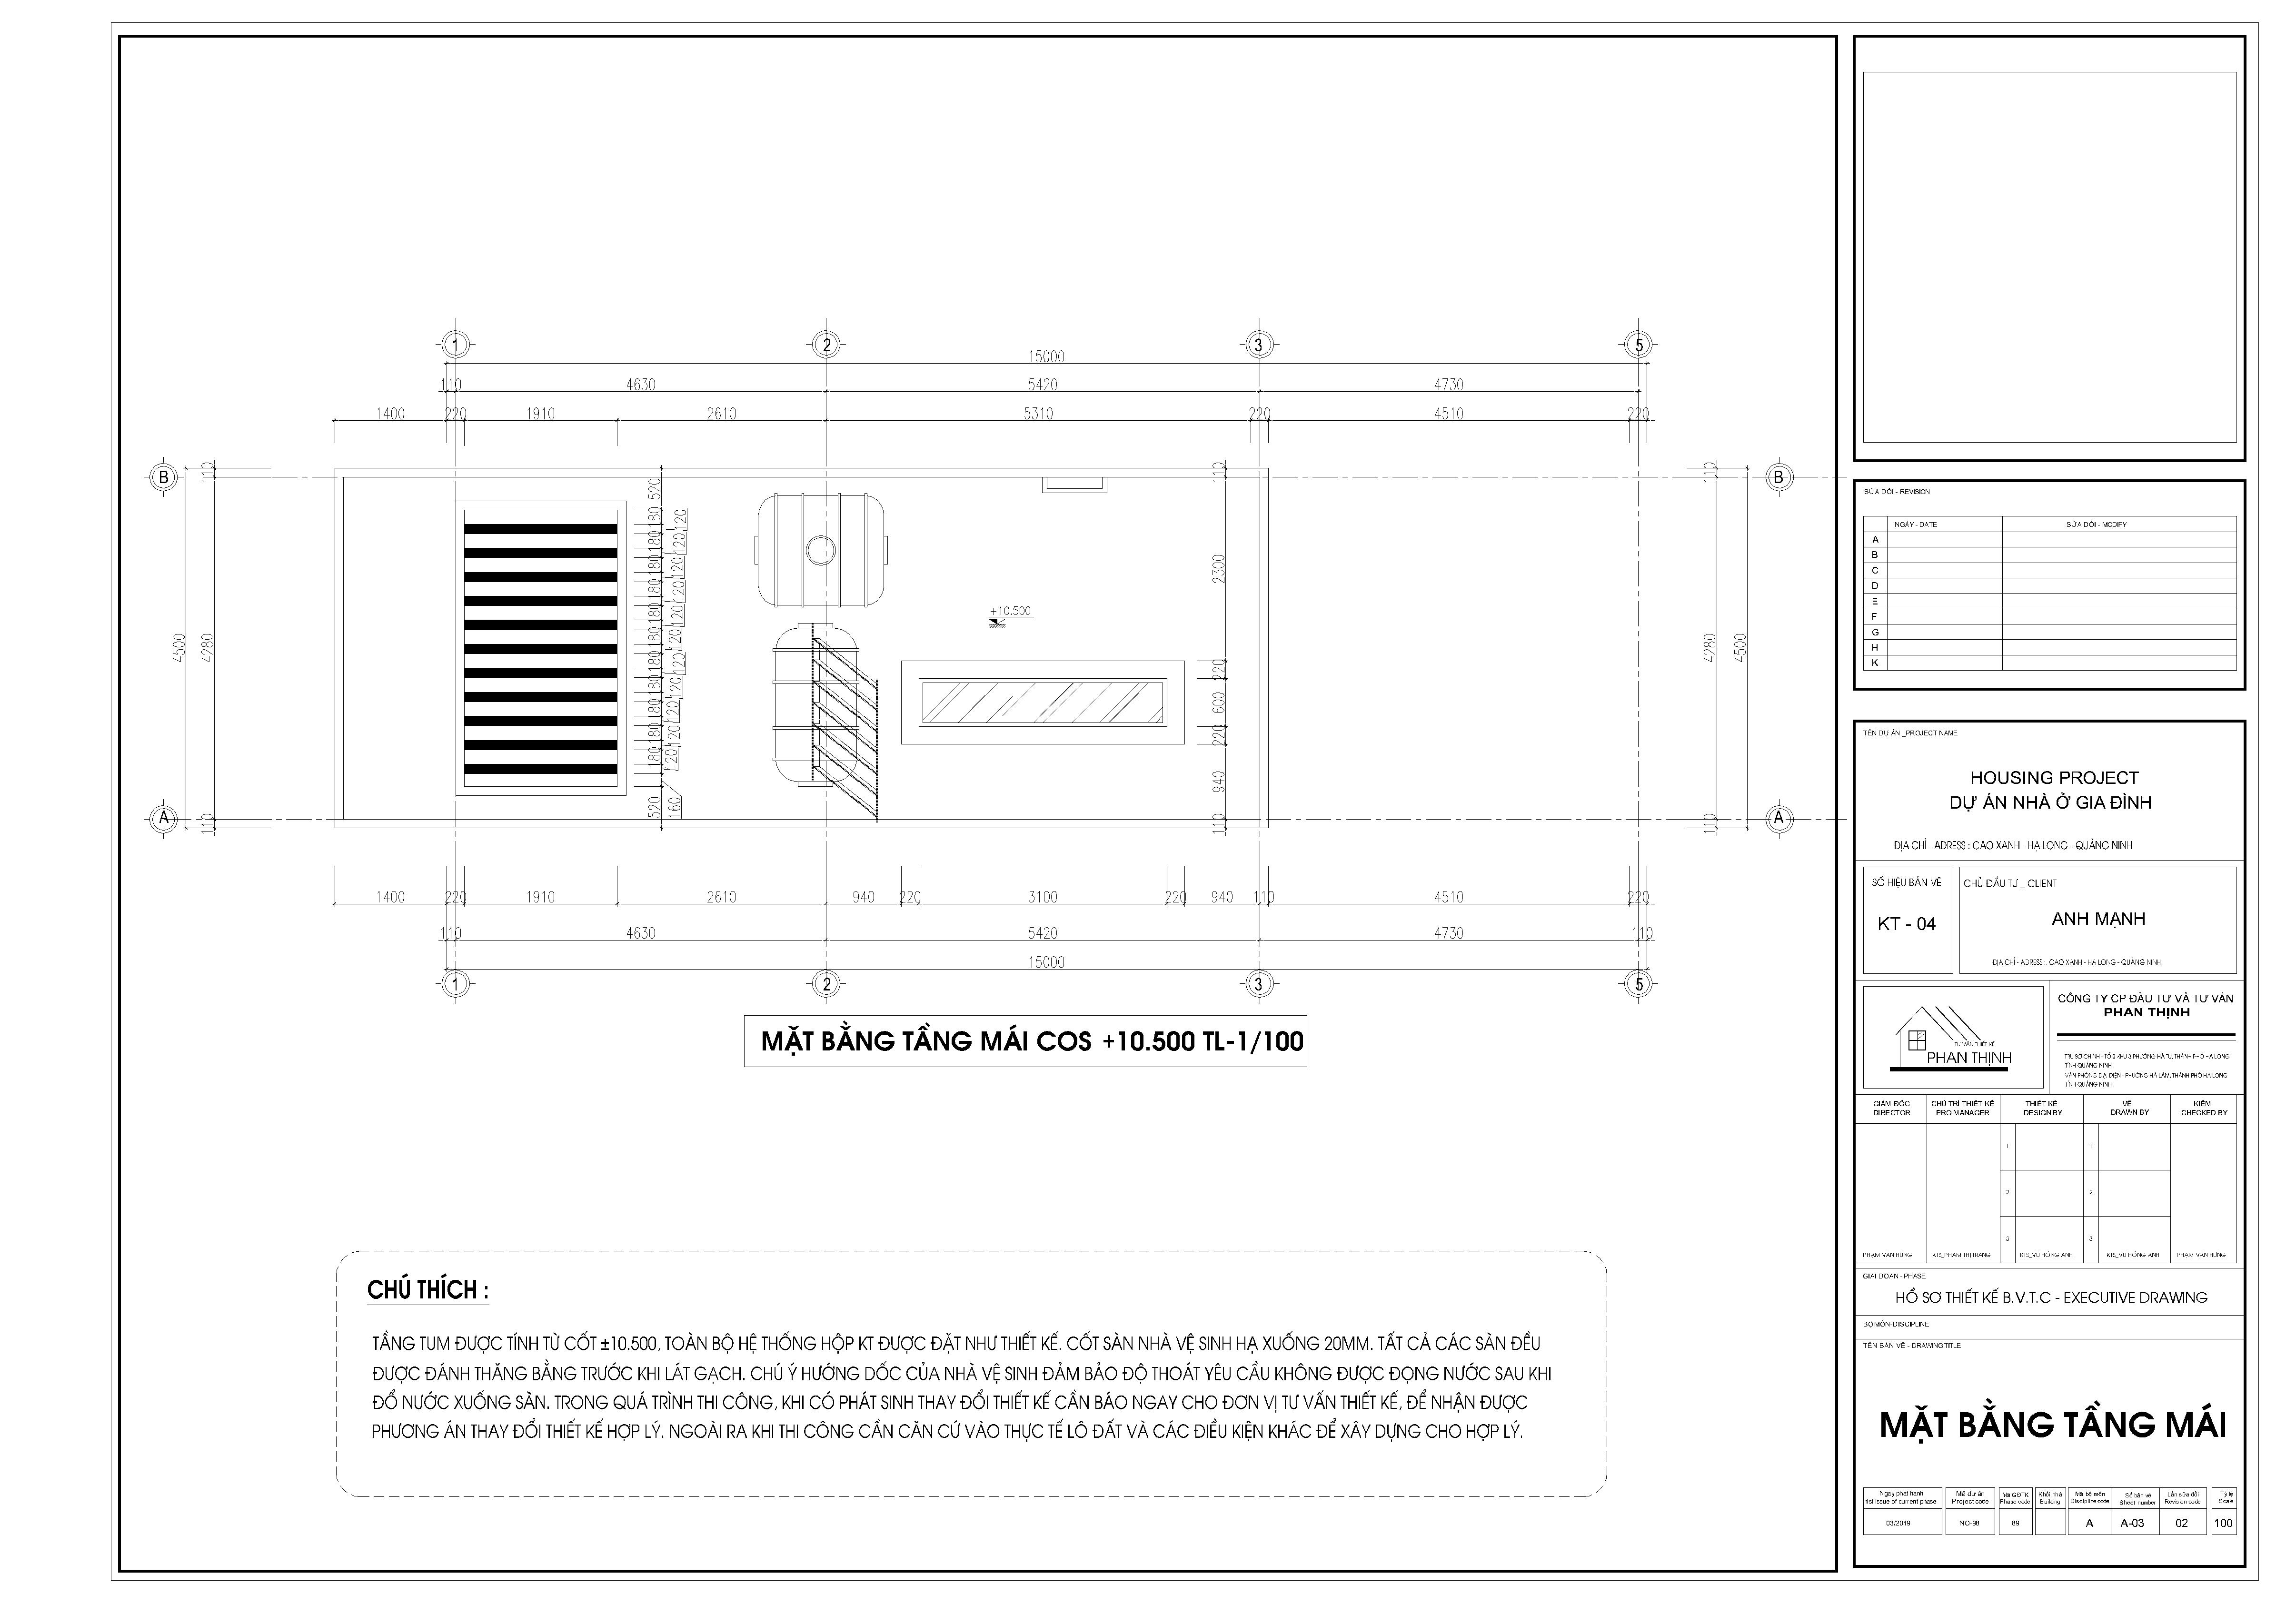 Mặt bằng thiết kế nhà tại tầng mái